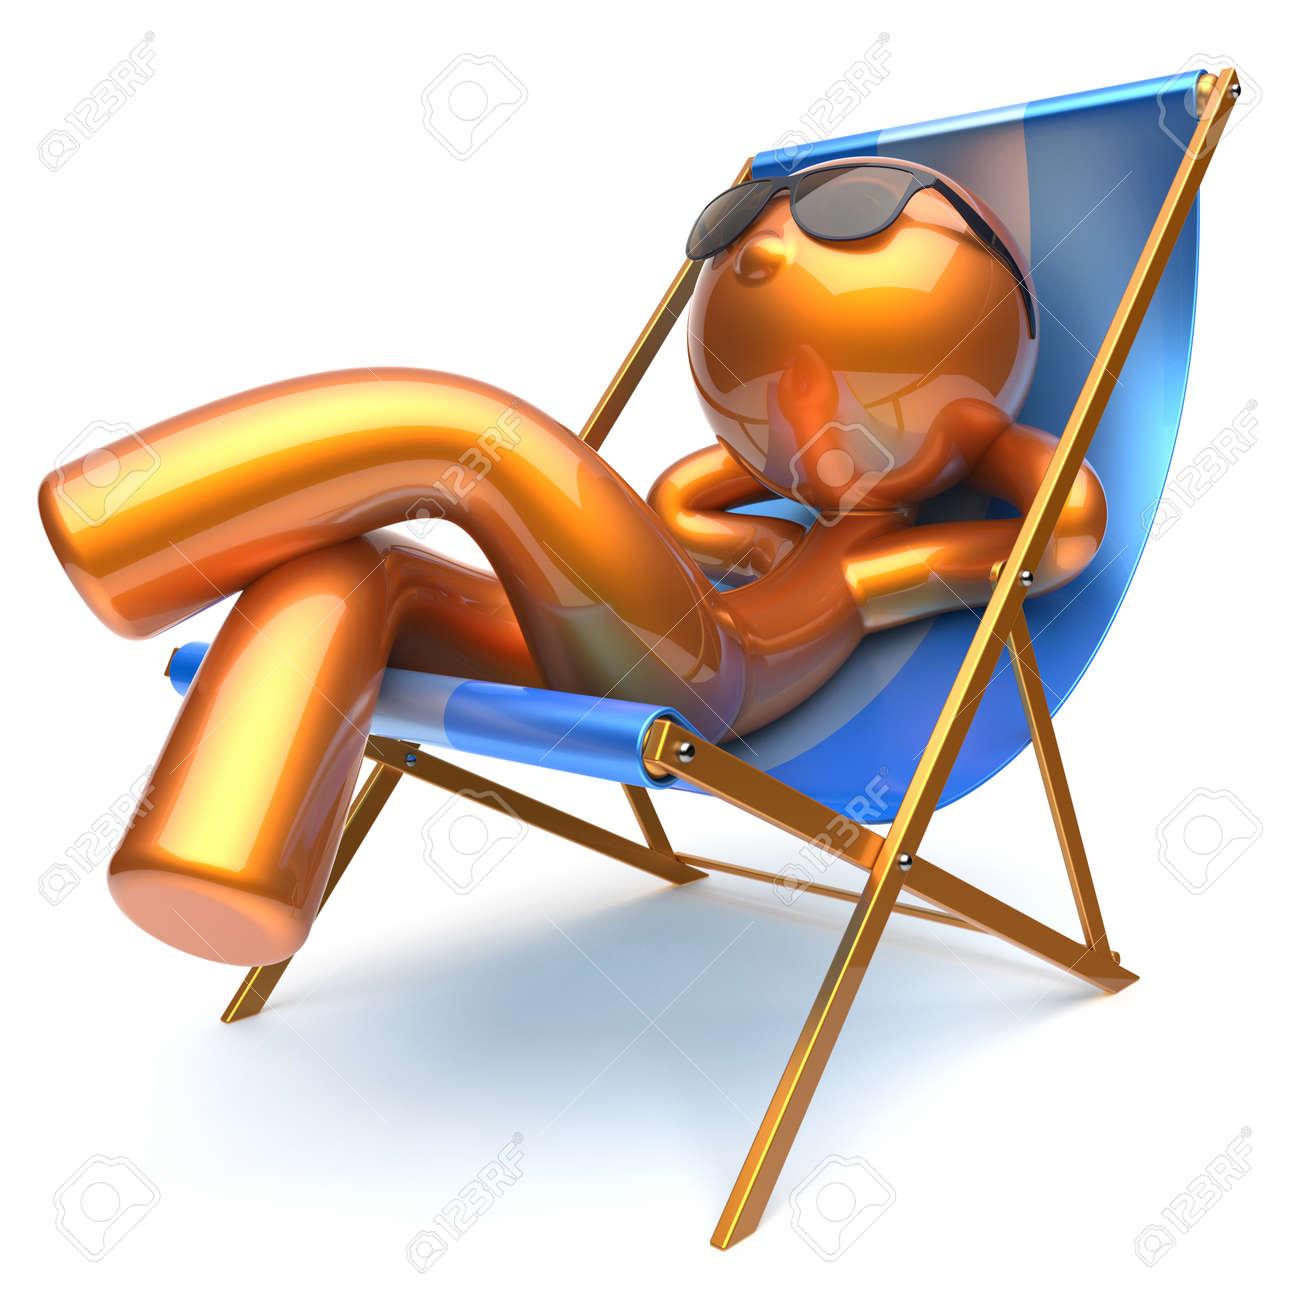 Lunettes Or De Confort Stylisé D'été Homme Soleil Détente Animé Personne Balancelle Chaise Caractère Refroidissement Dessin Des Plage Pont n0k8PwO